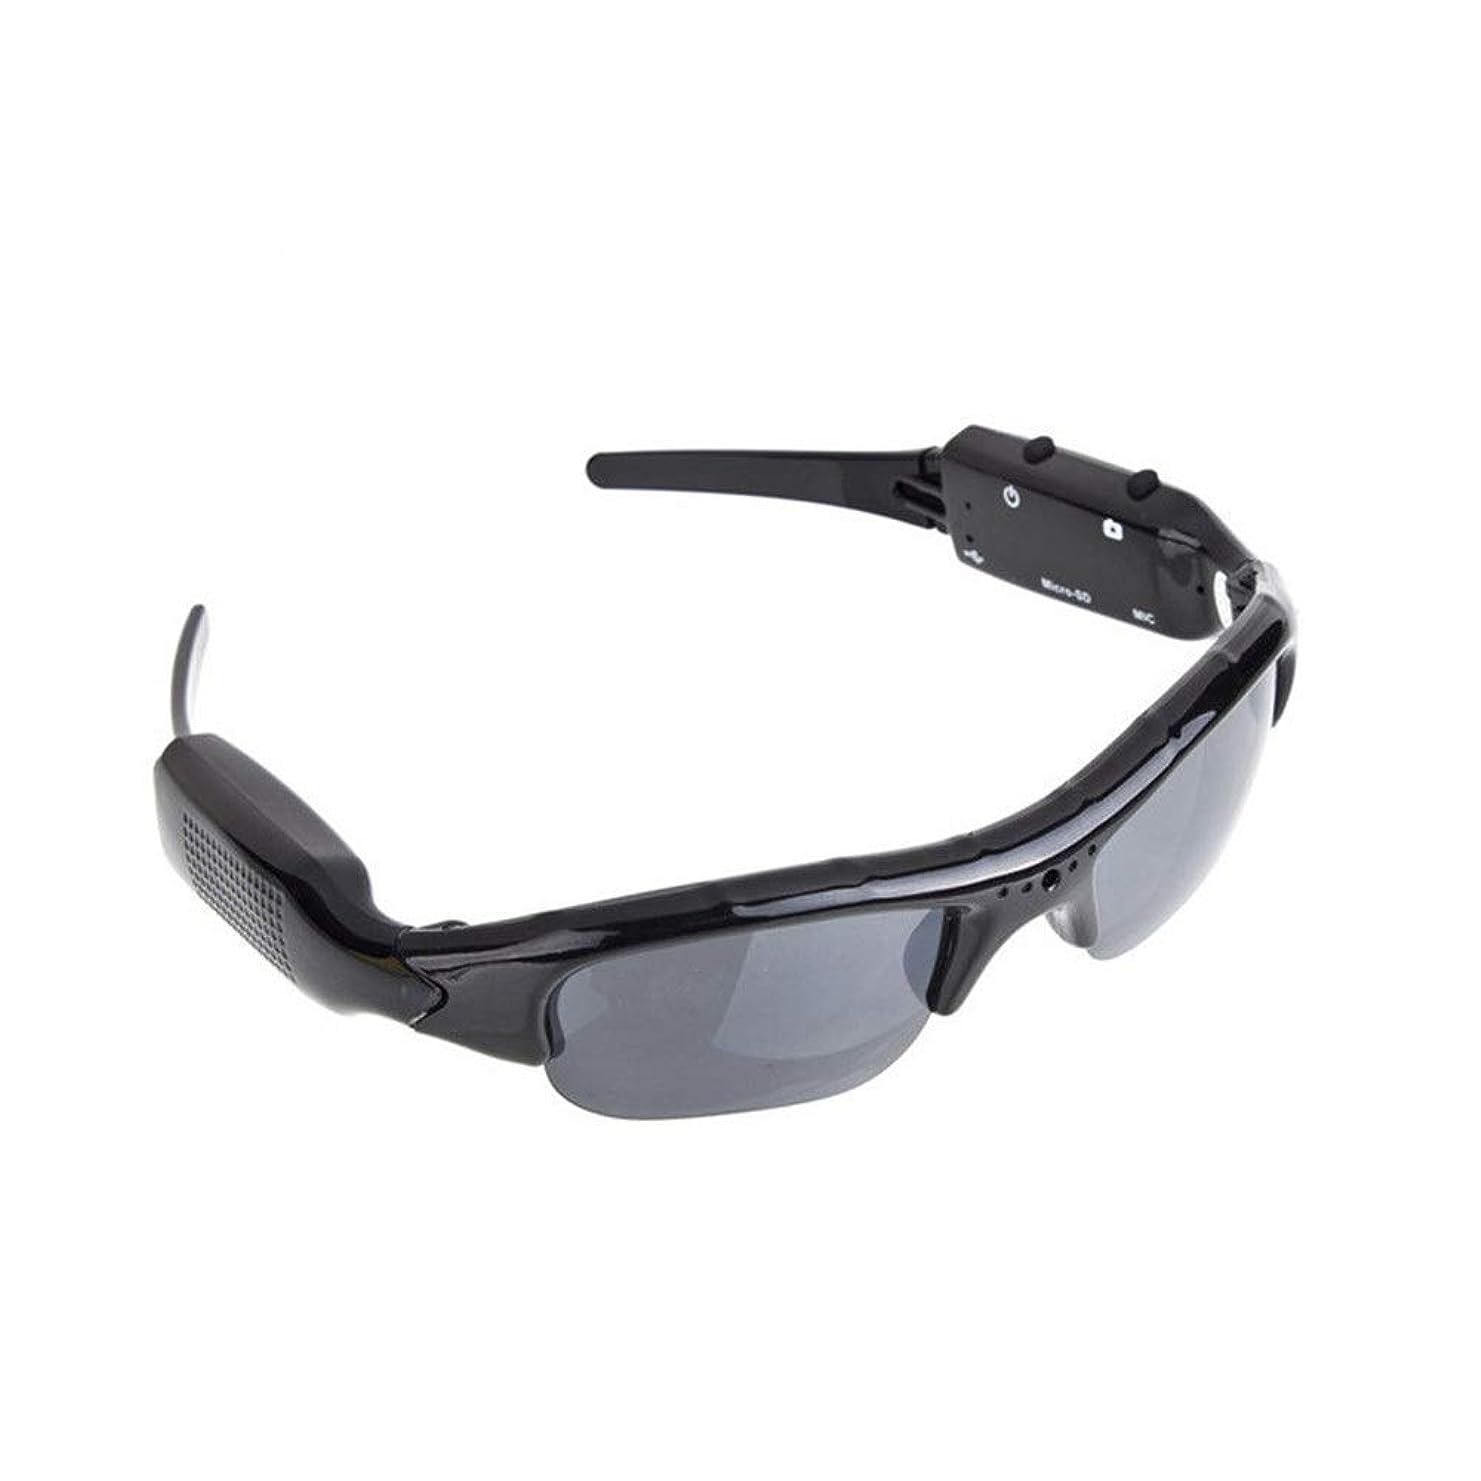 僕の移住するメロドラマティックスポーツサングラス ユニセックスHDスマートカメラメガネ登山サイクリングドライビングサングラスアウトドアスポーツ反射型偏光サングラス 自転車 運転 釣り 野球 テニス (Color : Black, Size : One size)